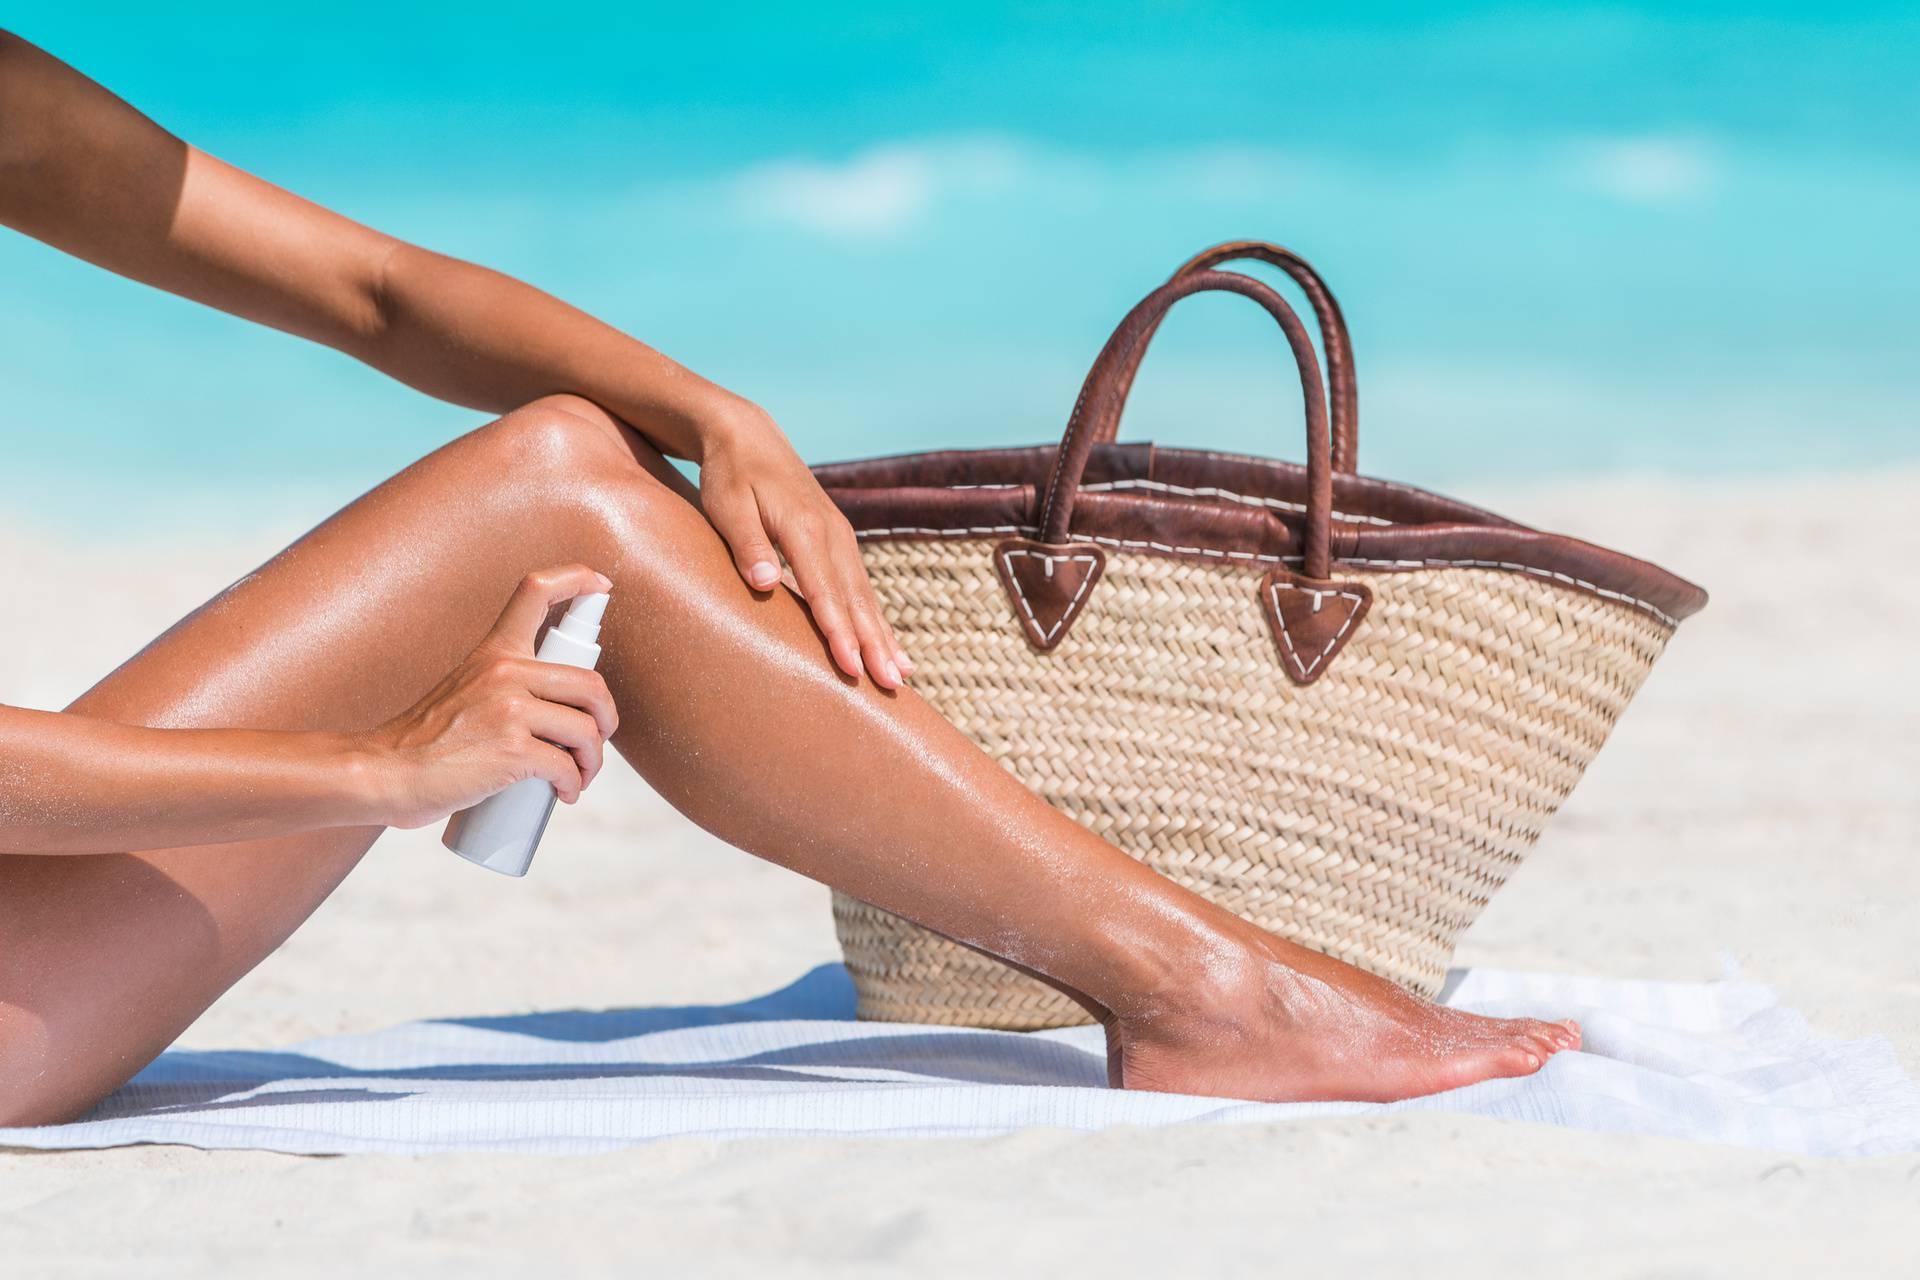 Koža bez iritacije: Depilaciju obavite dan prije sunčanja